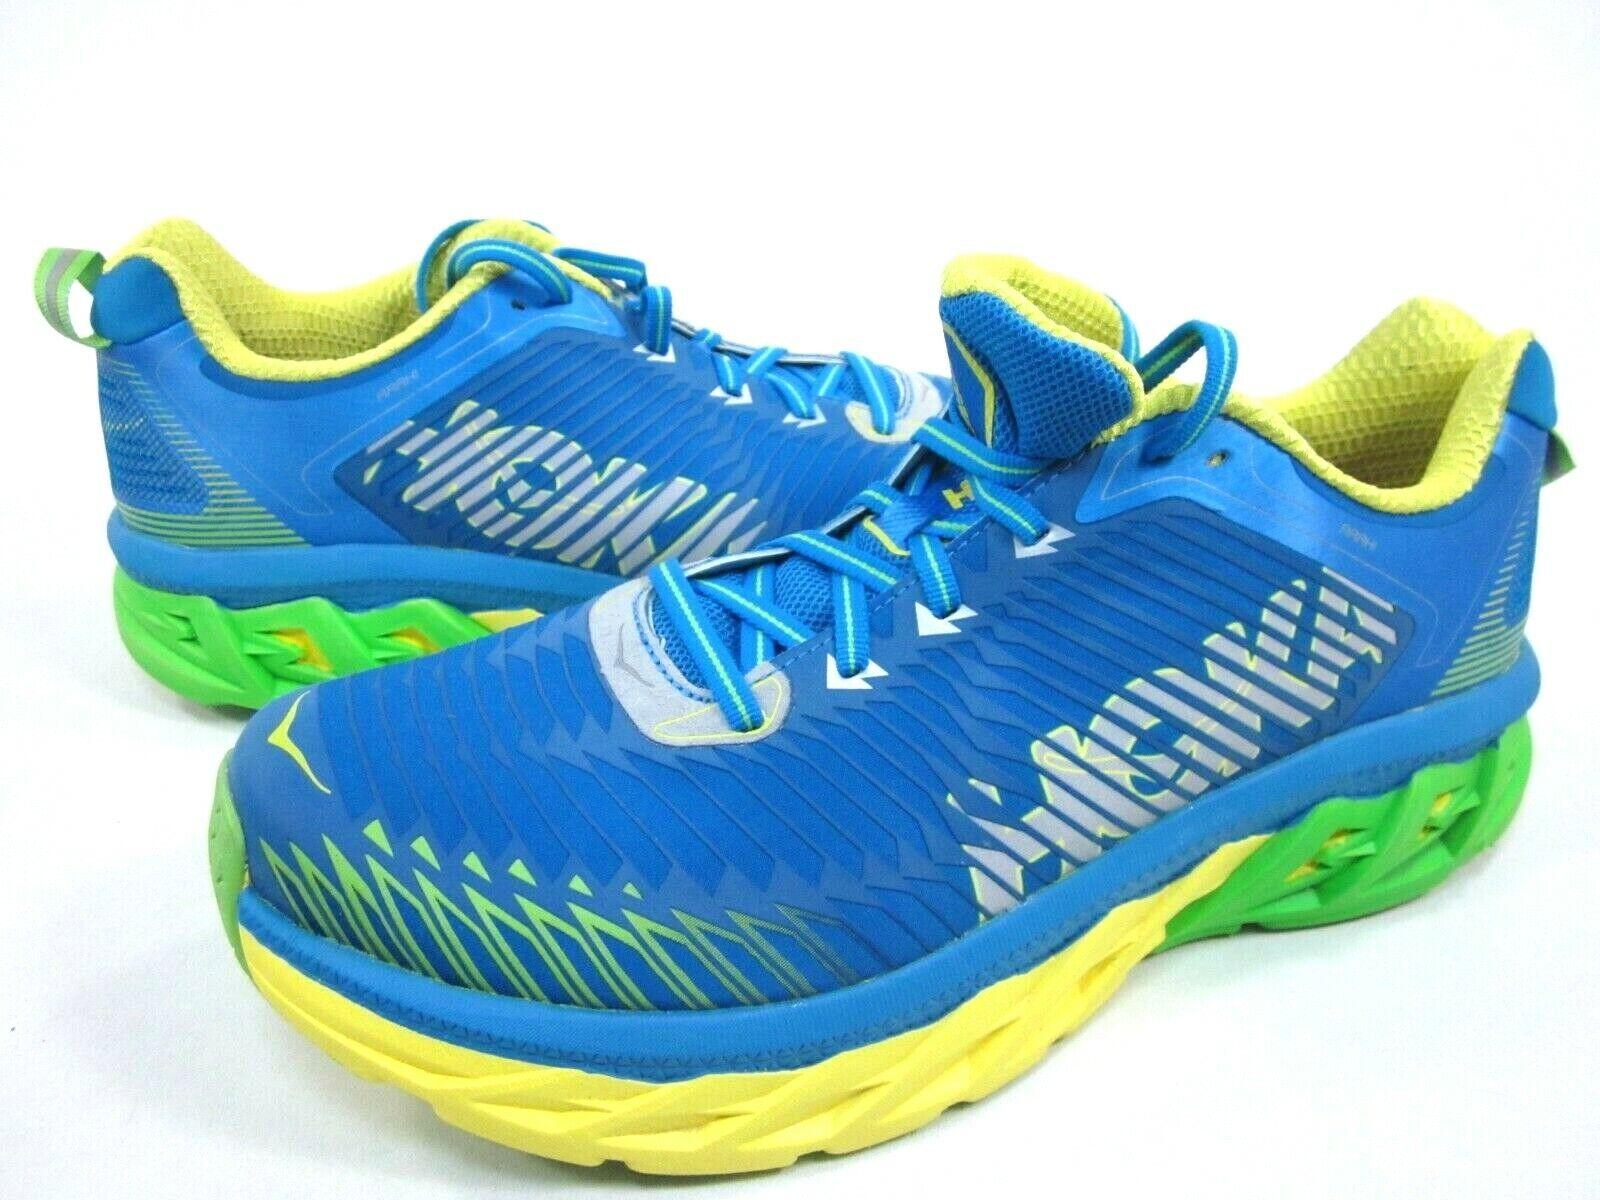 HOKA ONE Hombre Zapatos Deportivos ARAHI ONE, Azul Aster amarillo, US tamaño 10.5,